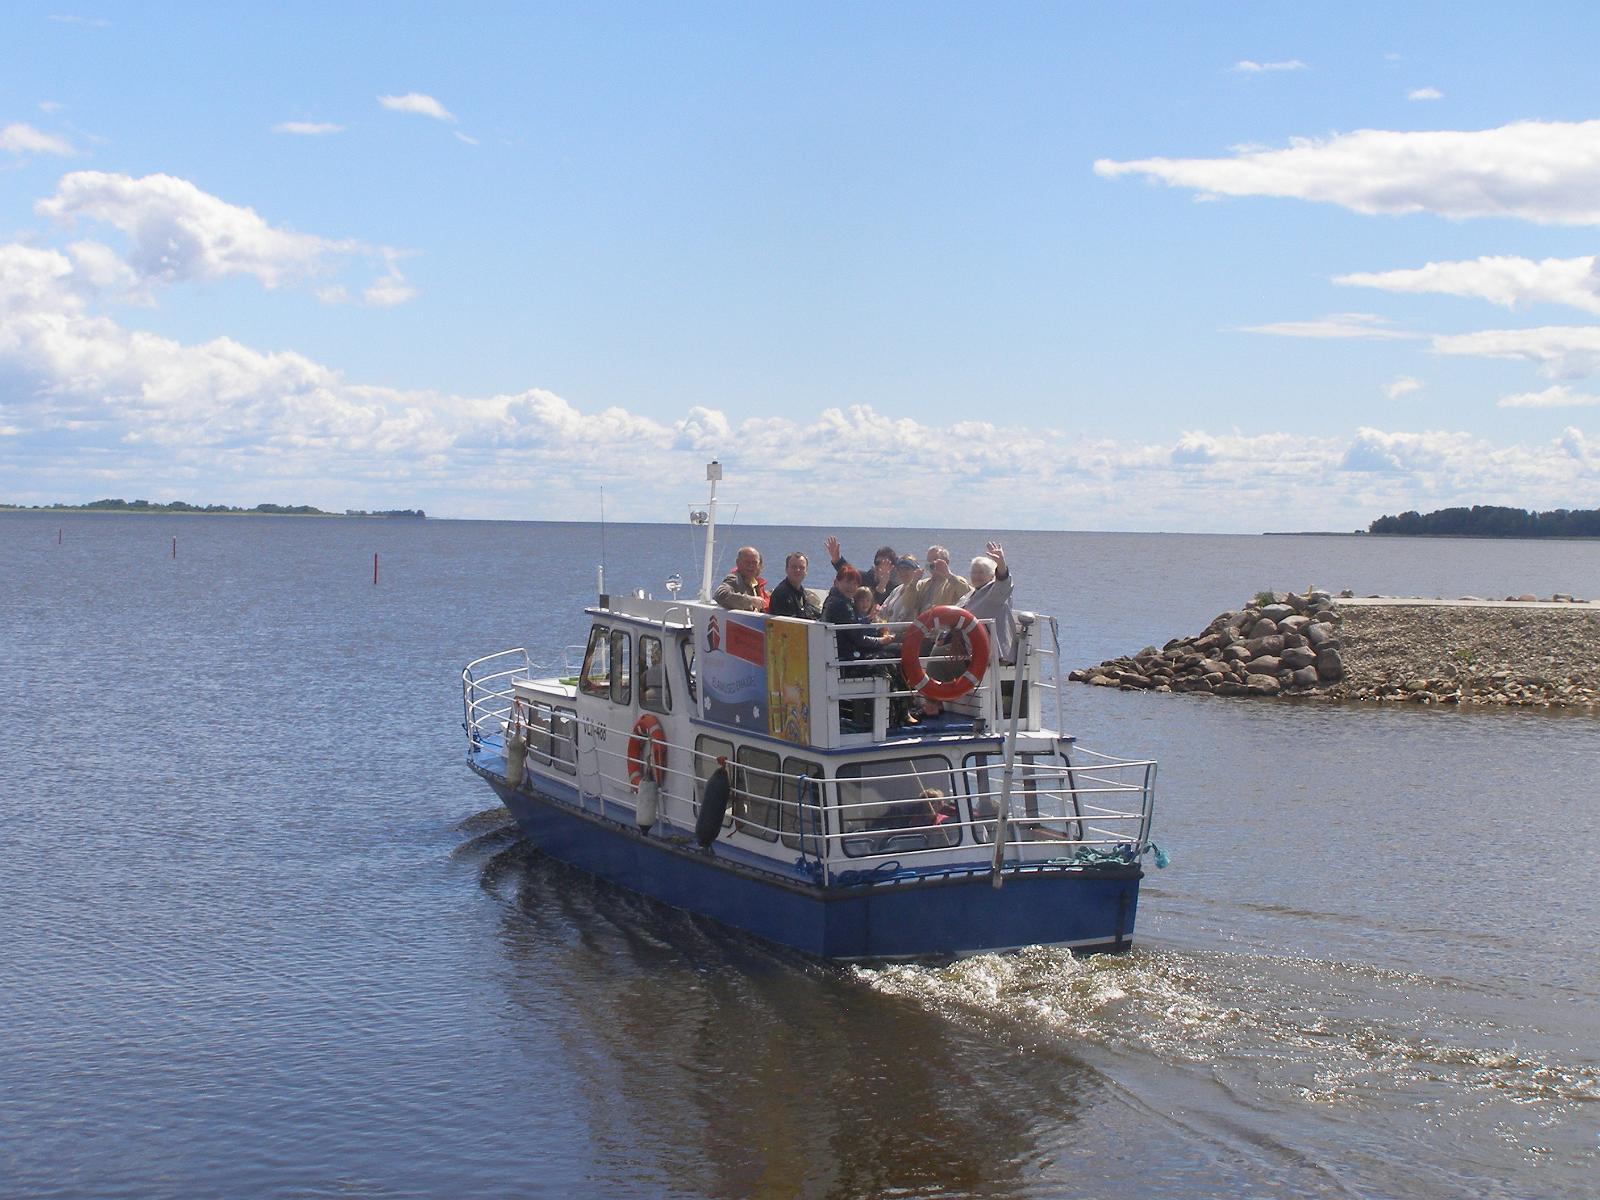 Увеселительные водные прогулки с отправлением из порта Ряпина